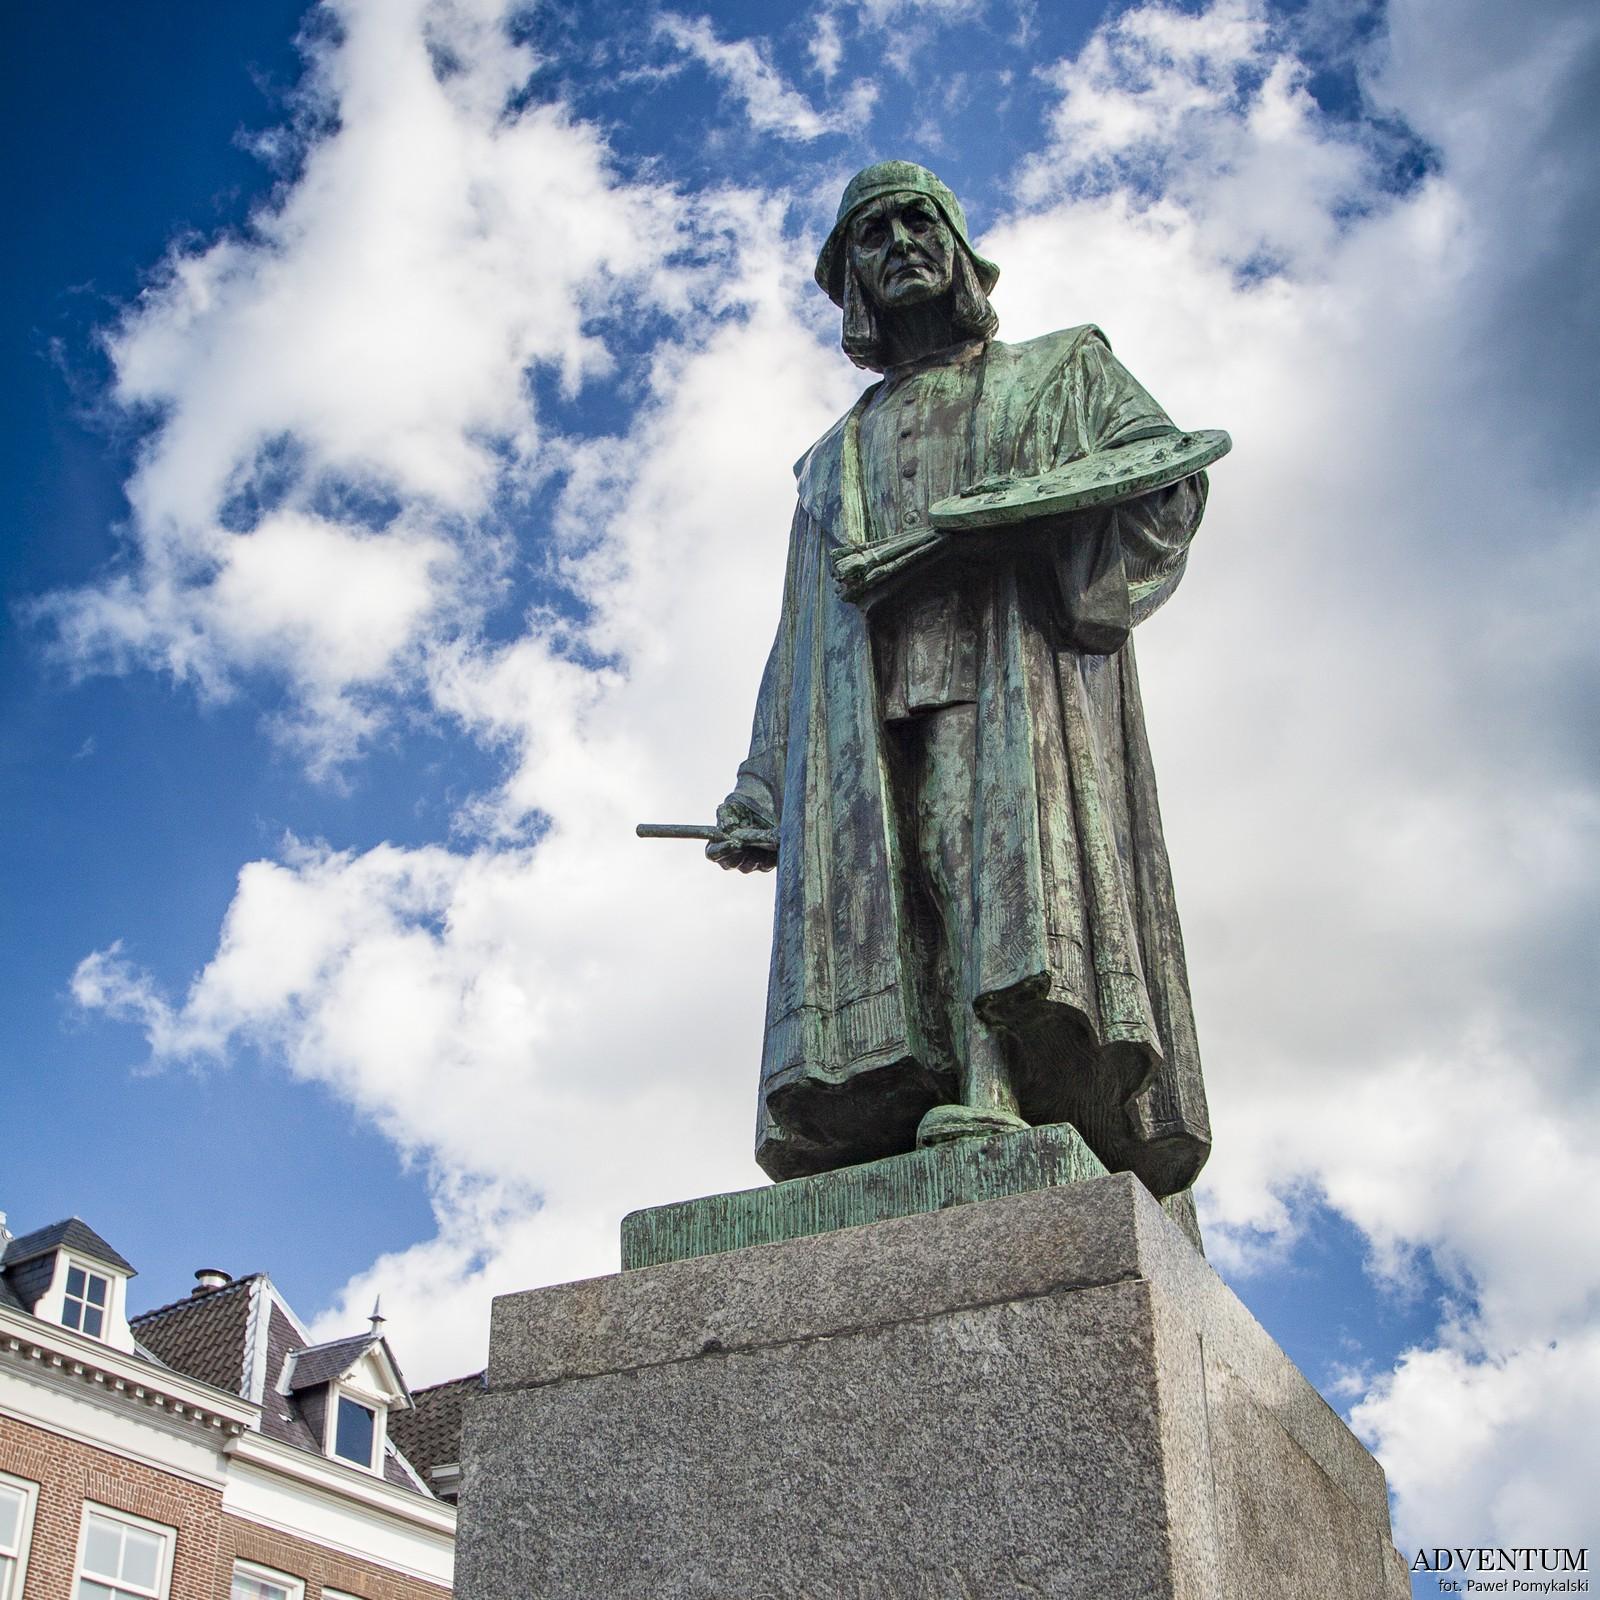 Holandia Hertogenbosch Atrakcje Zwiedzanie co Zobaczyć Amsterdam Rotterdam Haga Kanały Wiatraki